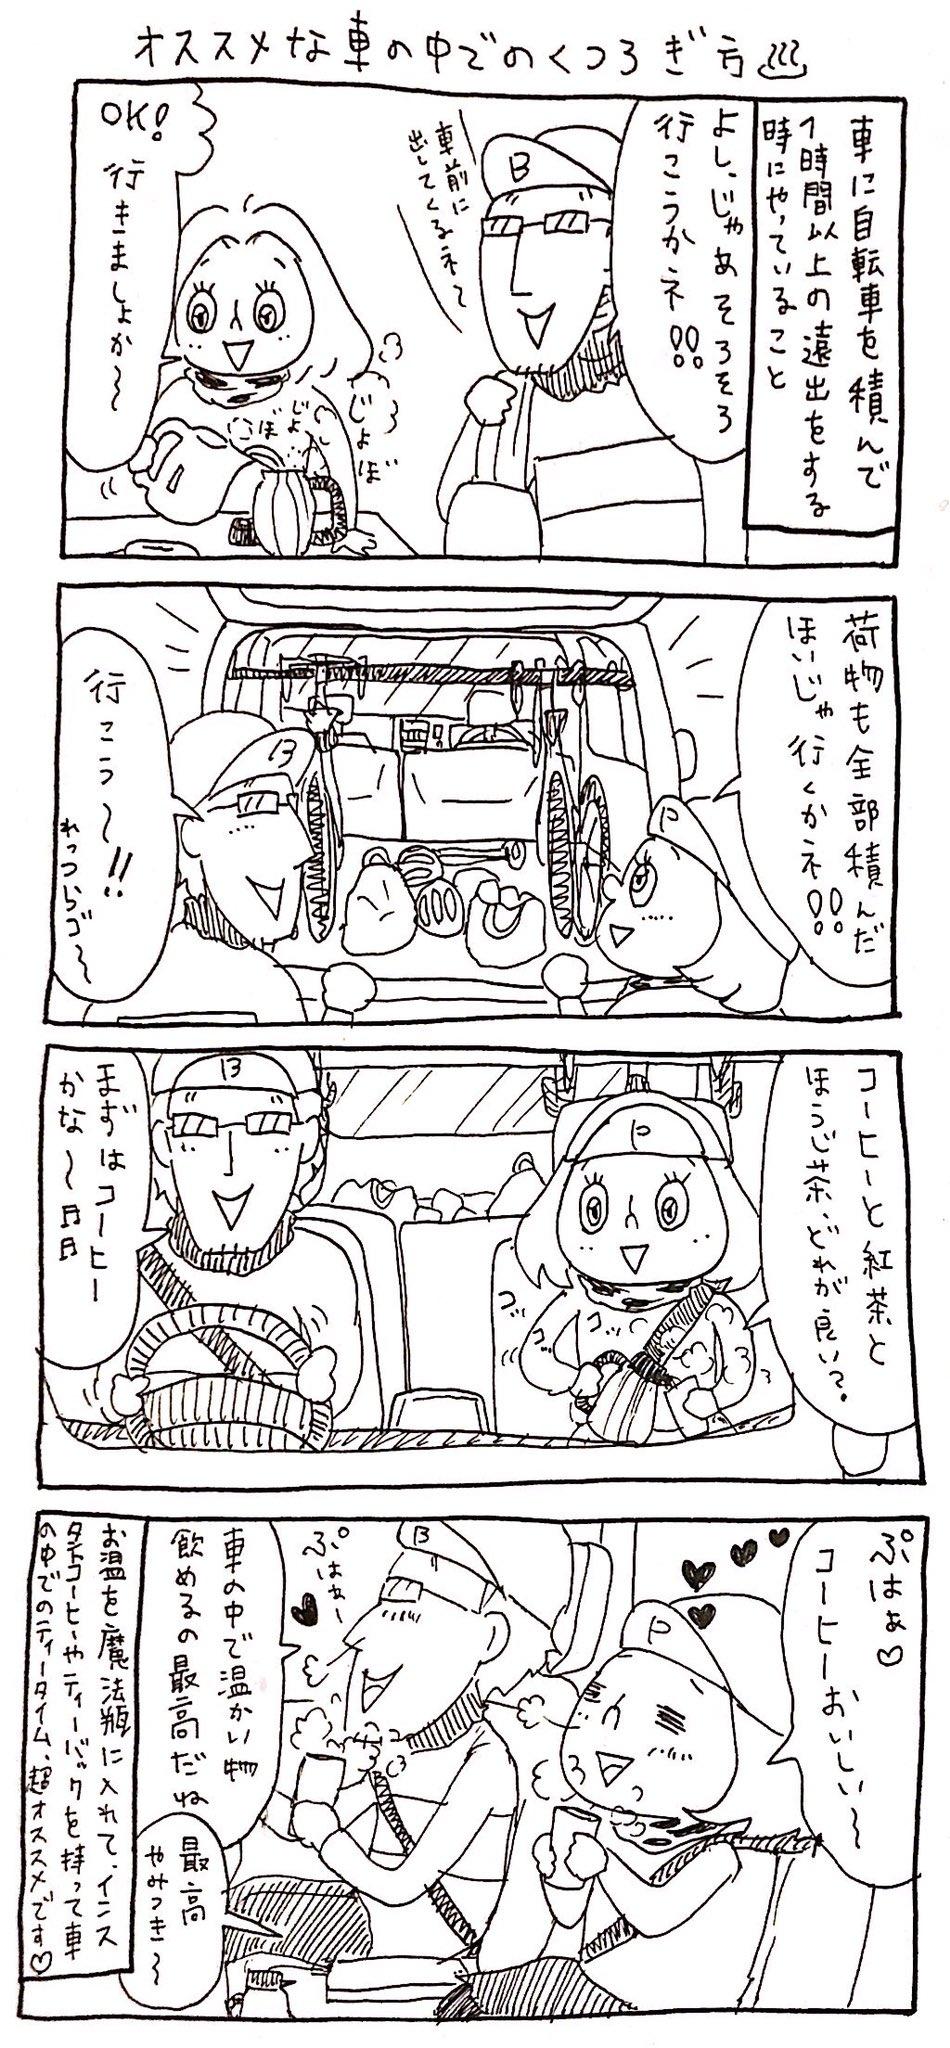 Twitterに投稿しているPちゃんの日常4コマ漫画まとめ3<全13話>車の中でカフェタイム